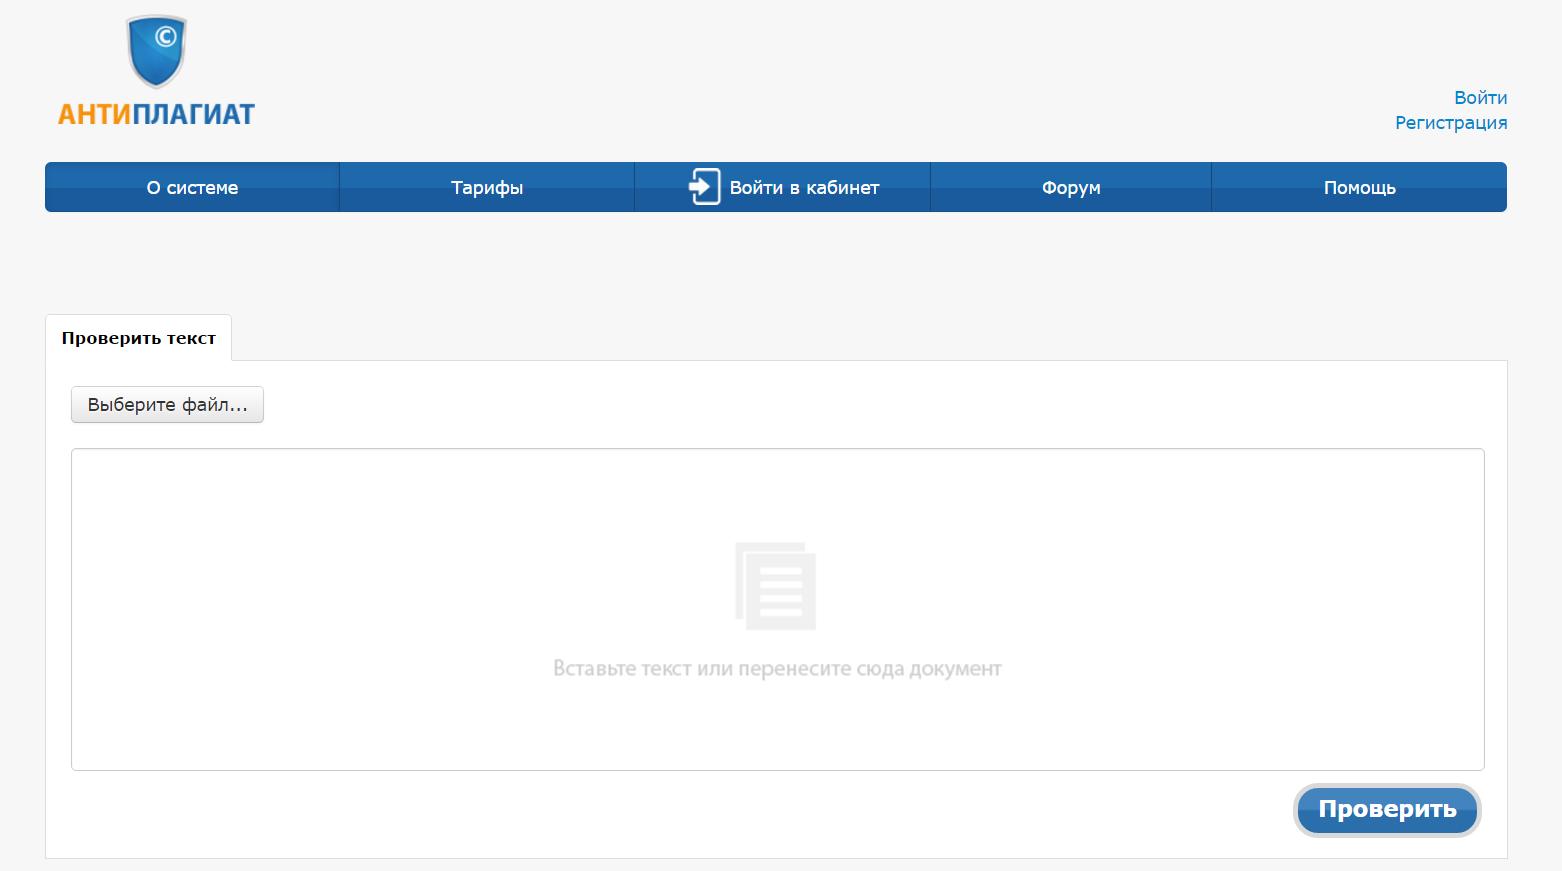 ru Антиплагиат экспресс Антиплагиат проверка онлайн Регистрация на сайте для проверки текст на уникальность занимает нескольких минут и может быть достигнута следующими способами классическая регистрация